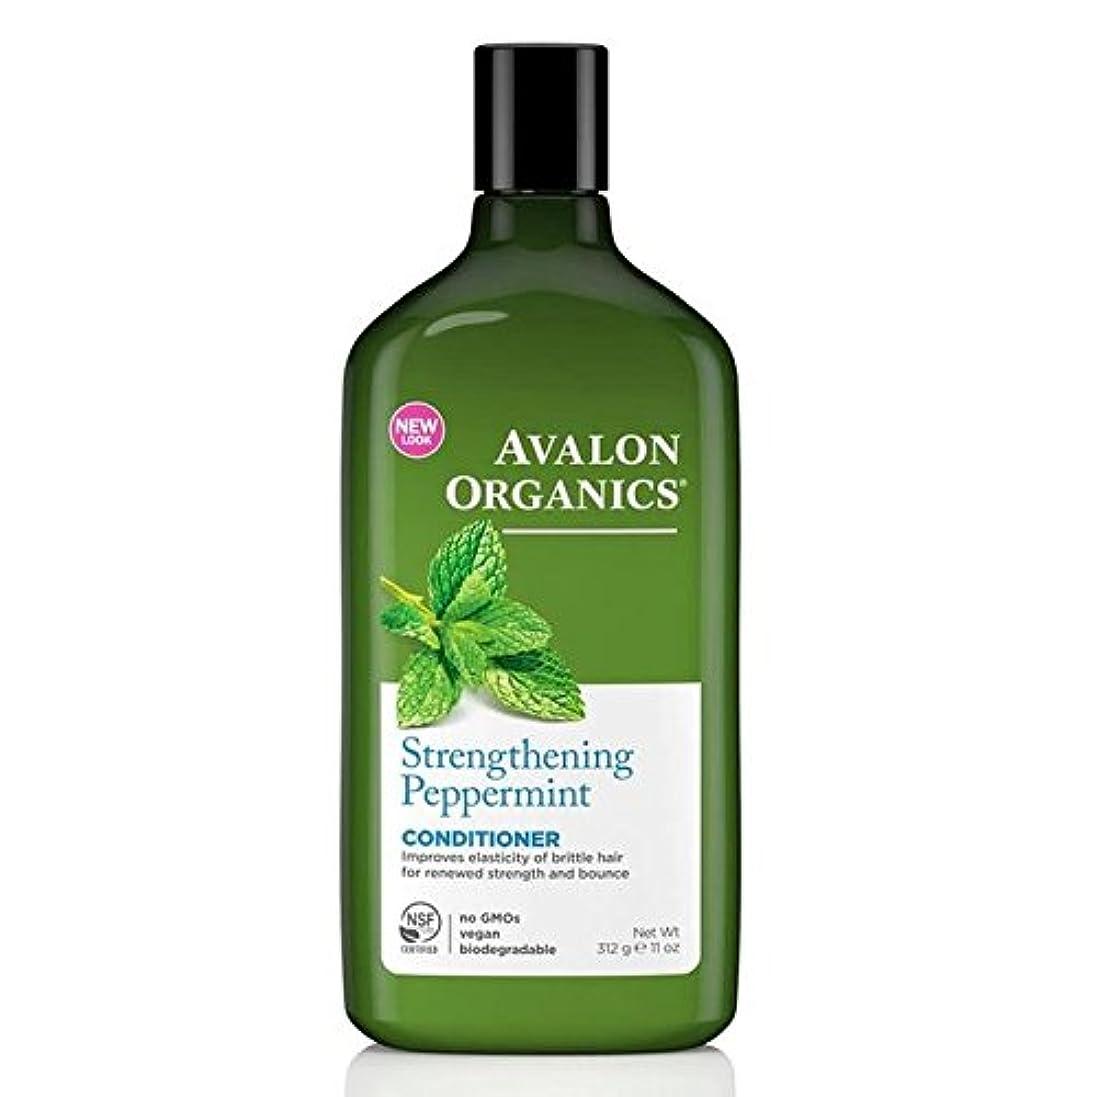 手術受け皿見捨てるAvalon Organics Peppermint Conditioner 325ml - (Avalon) ペパーミントコンディショナー325ミリリットル [並行輸入品]